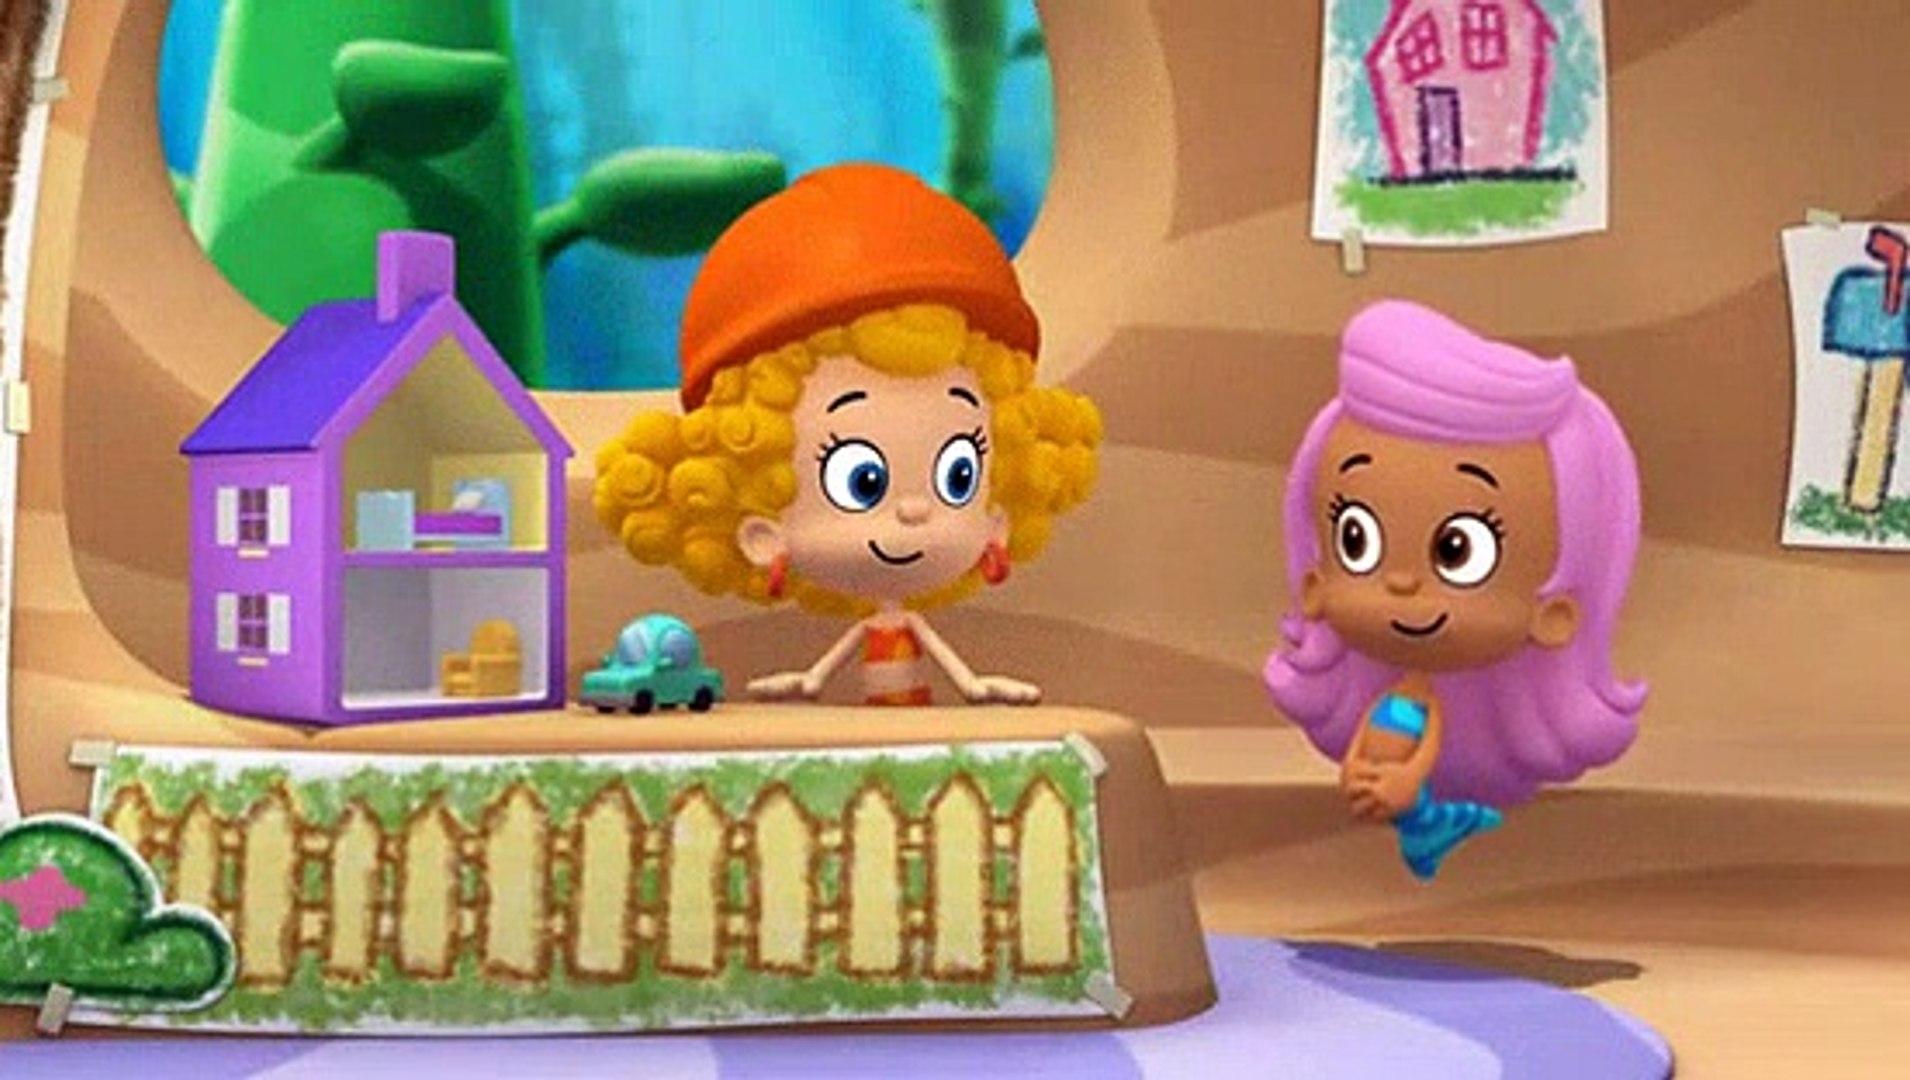 Bubble Guppies S04e04 Guppy Movers